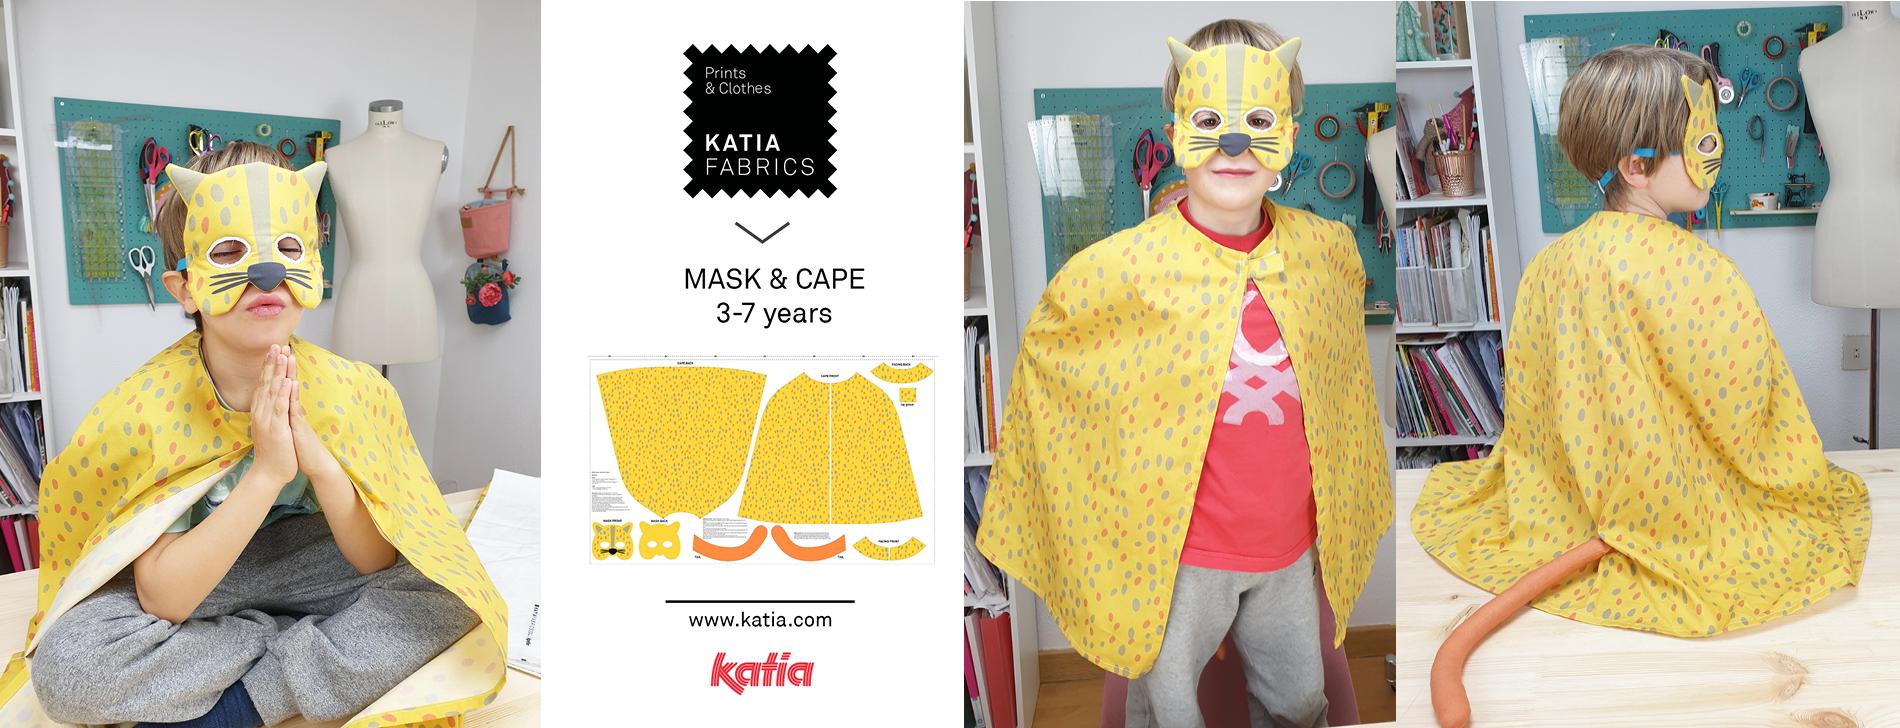 Luipaardkostuum naaien voor kinderen met Katia Fabrics kant en klare panelen